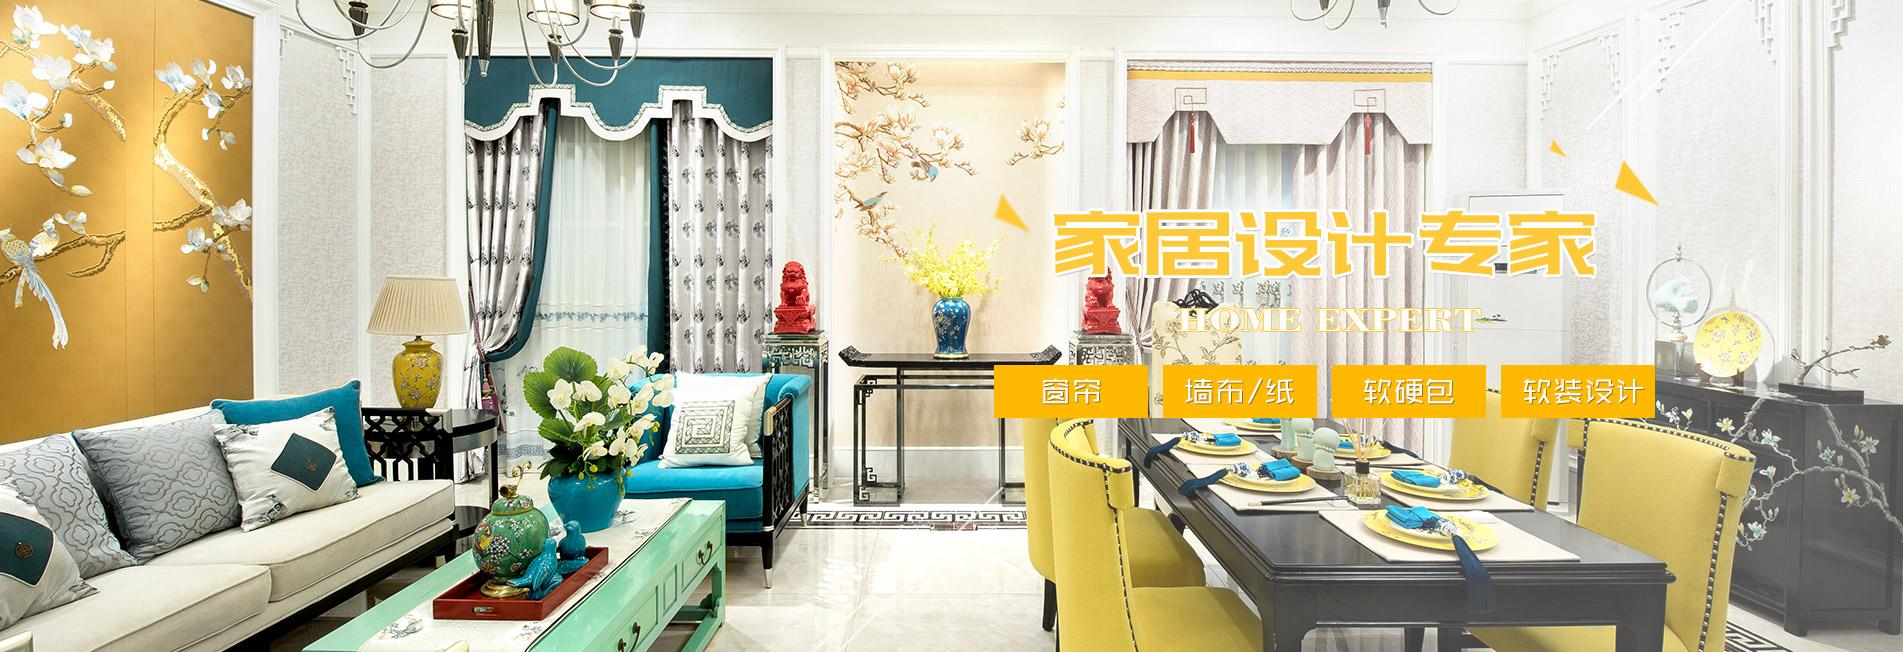 深圳仟彩家居藝術有限公司